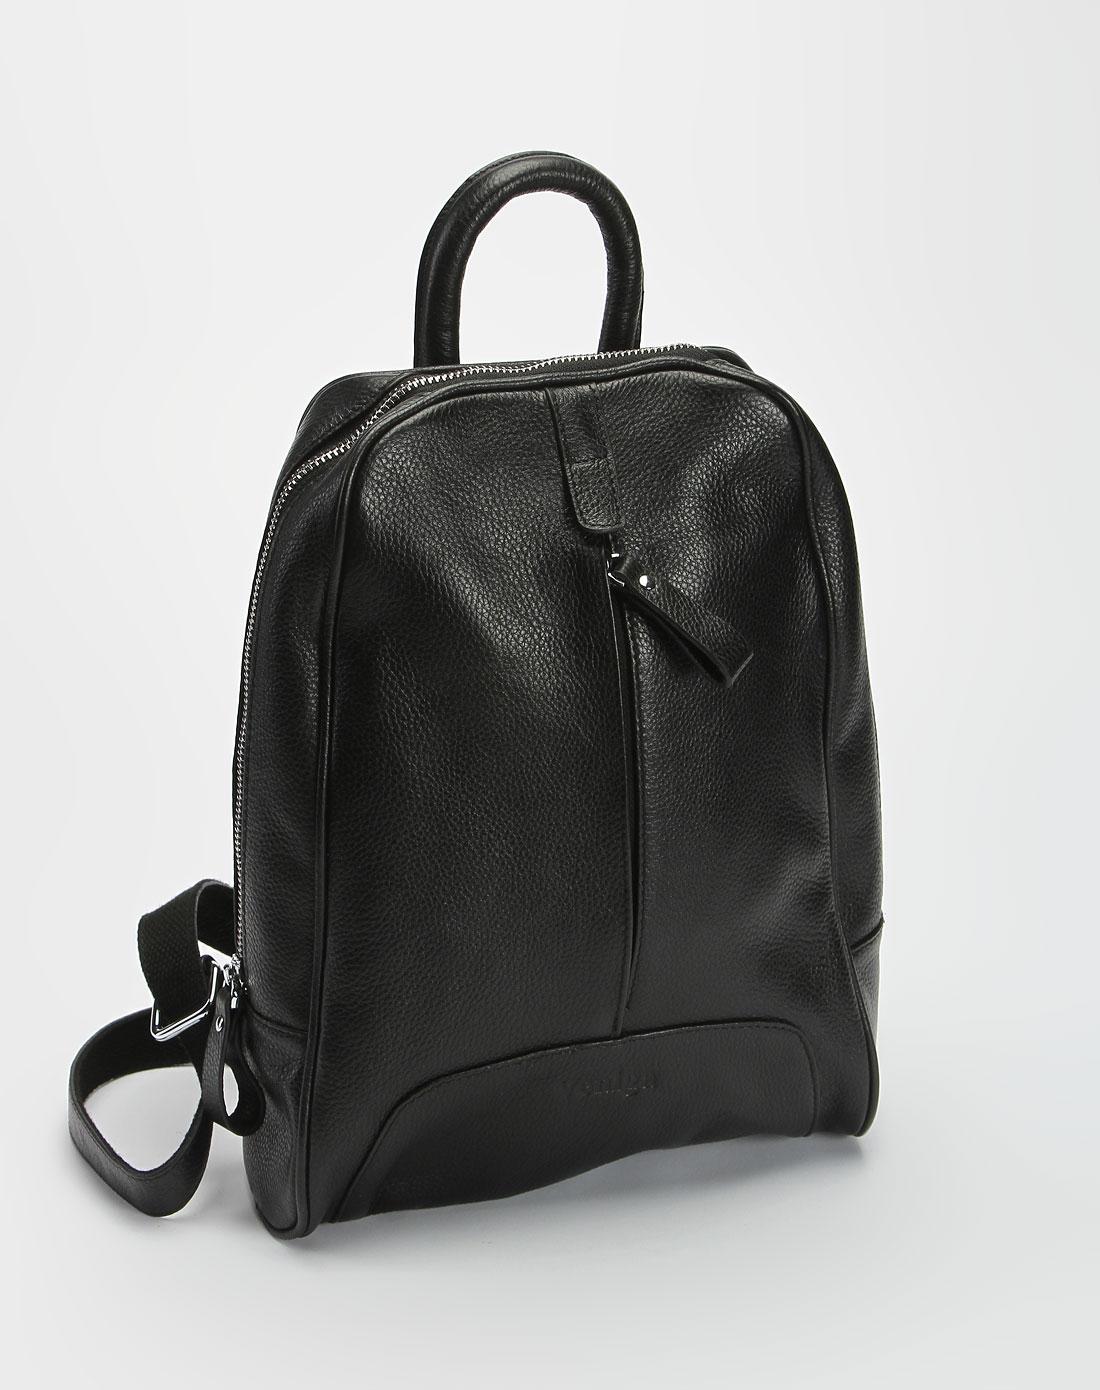 品牌-8----夜场黑色时尚牛皮双肩包2400100000165